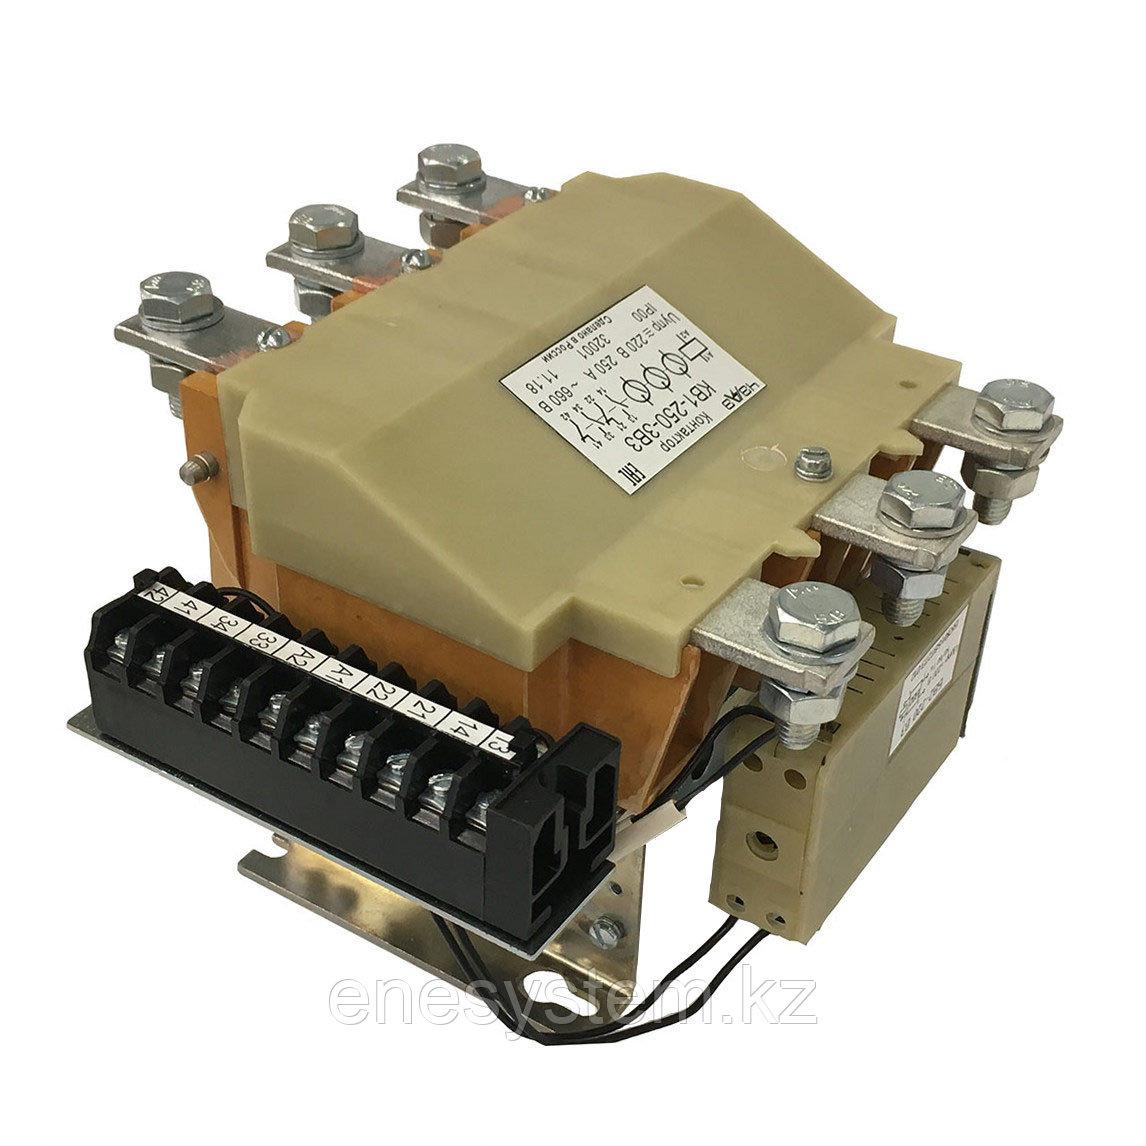 Контакторы вакуумные двухкамерные КВ-1-250-2